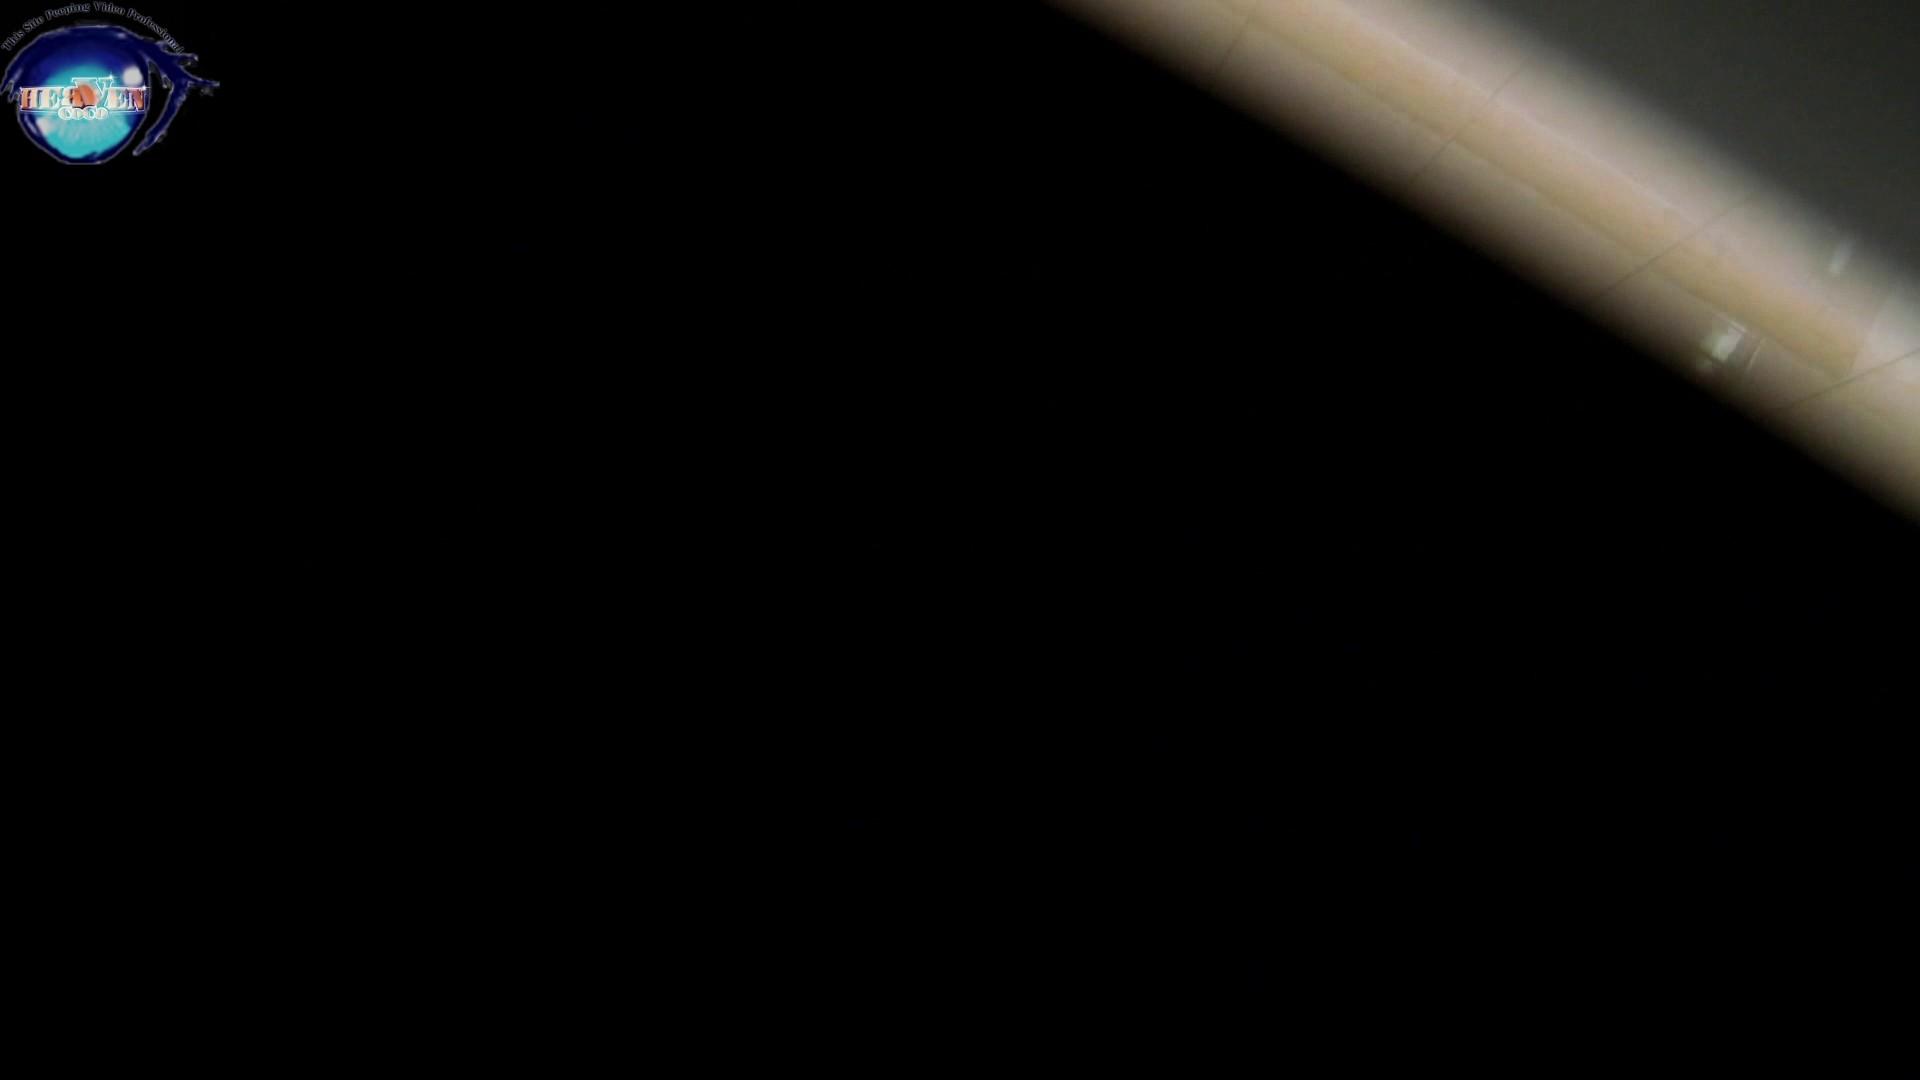 洗面所突入レポート!!お銀 vol.67 新たな場所への挑戦が始まる!!後編 OLエロ画像   洗面所  49PICs 1